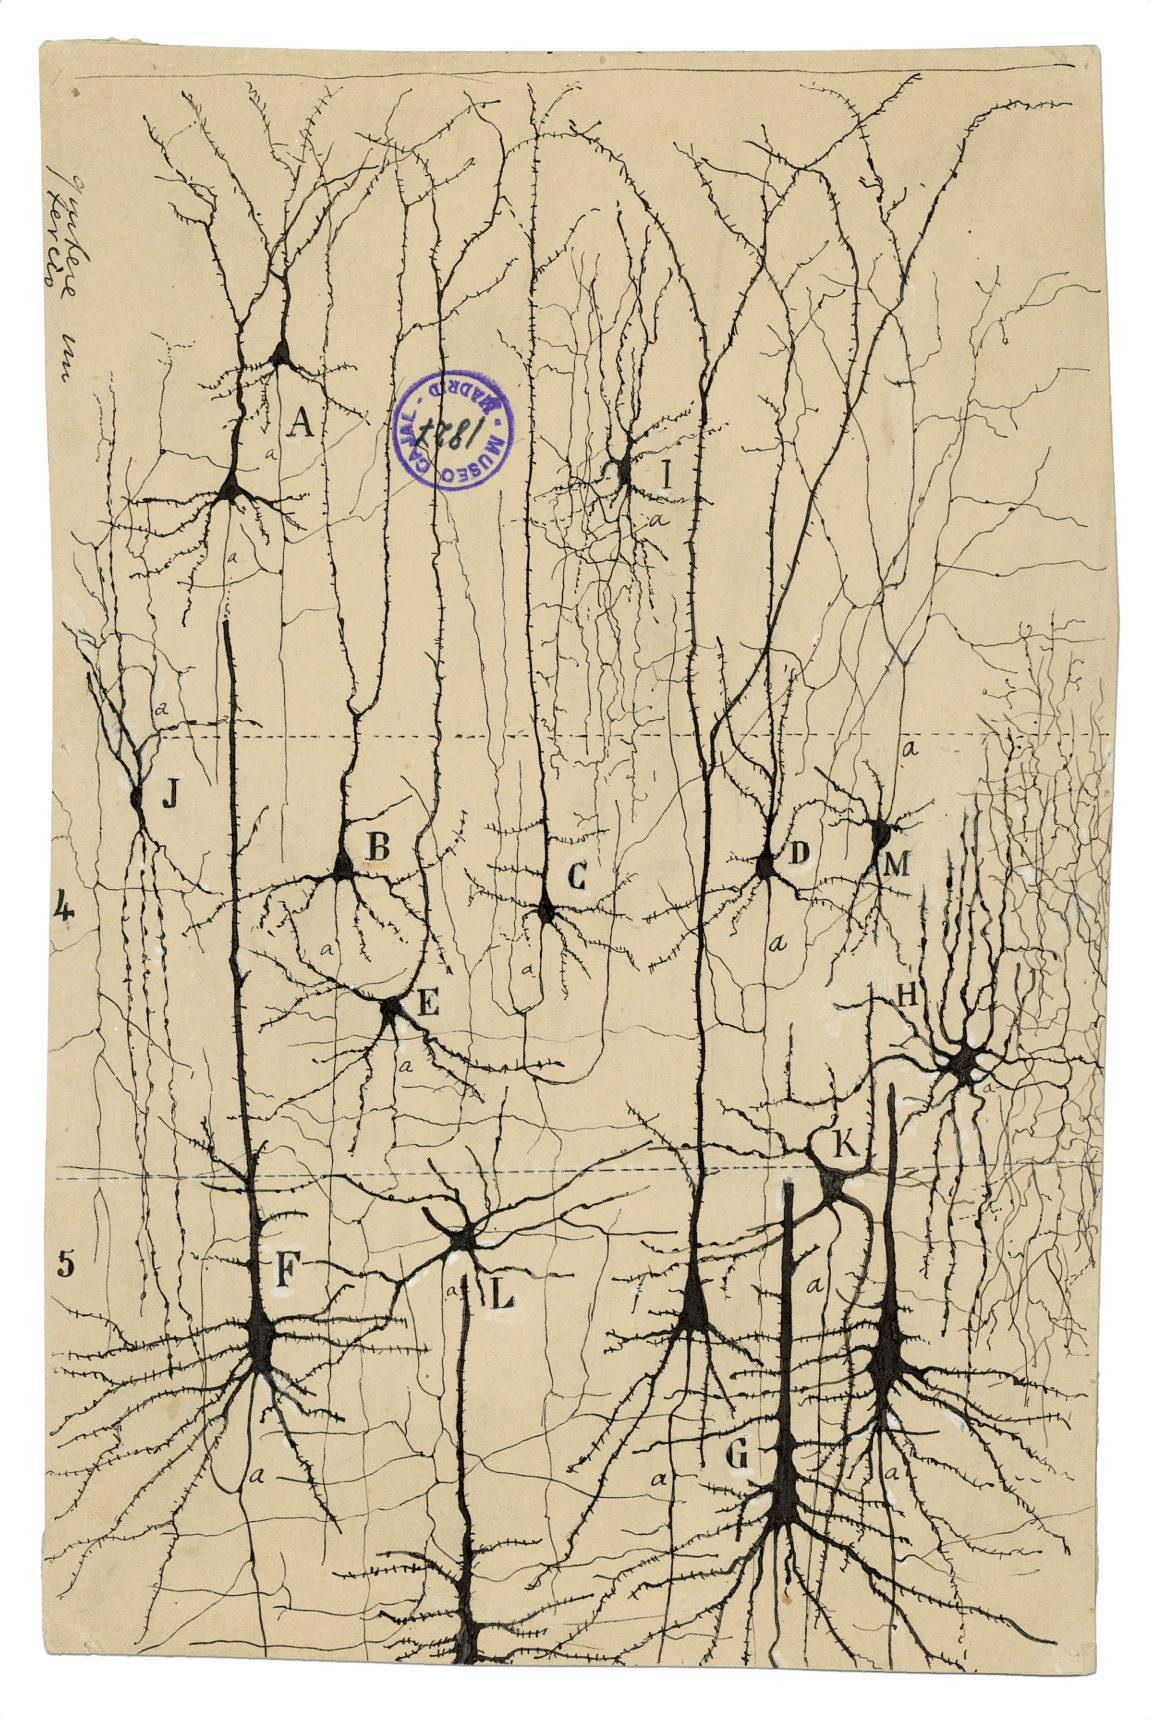 На своих изящных рисунках Кахаль изобразил нейроны как отдельные, неповторимые клетки. Он был первым, кто осознал, что, вопреки тогдашним представлениям, нервная система неявляется сетью непрерывных волокон. / Изображение— Институт Кахаля иИспанский национальный исследовательский совет